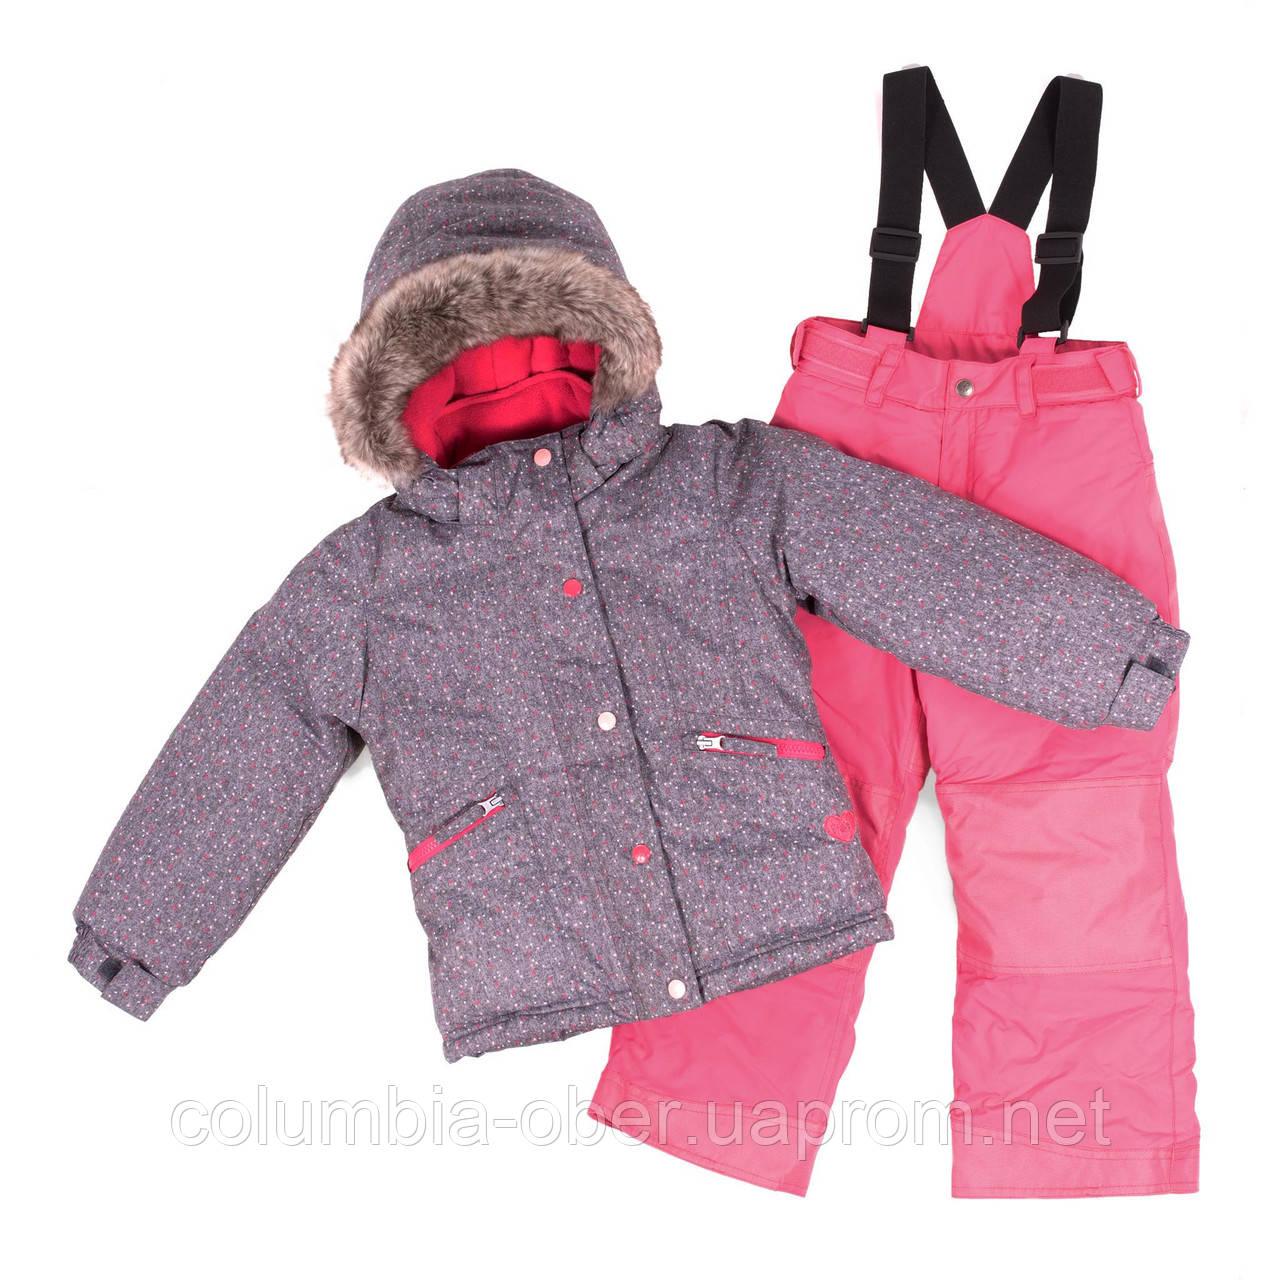 Зимний комплект для девочки PELUCHE F18 M 62 EF Stone / Fraisinette. Размеры 3-8.